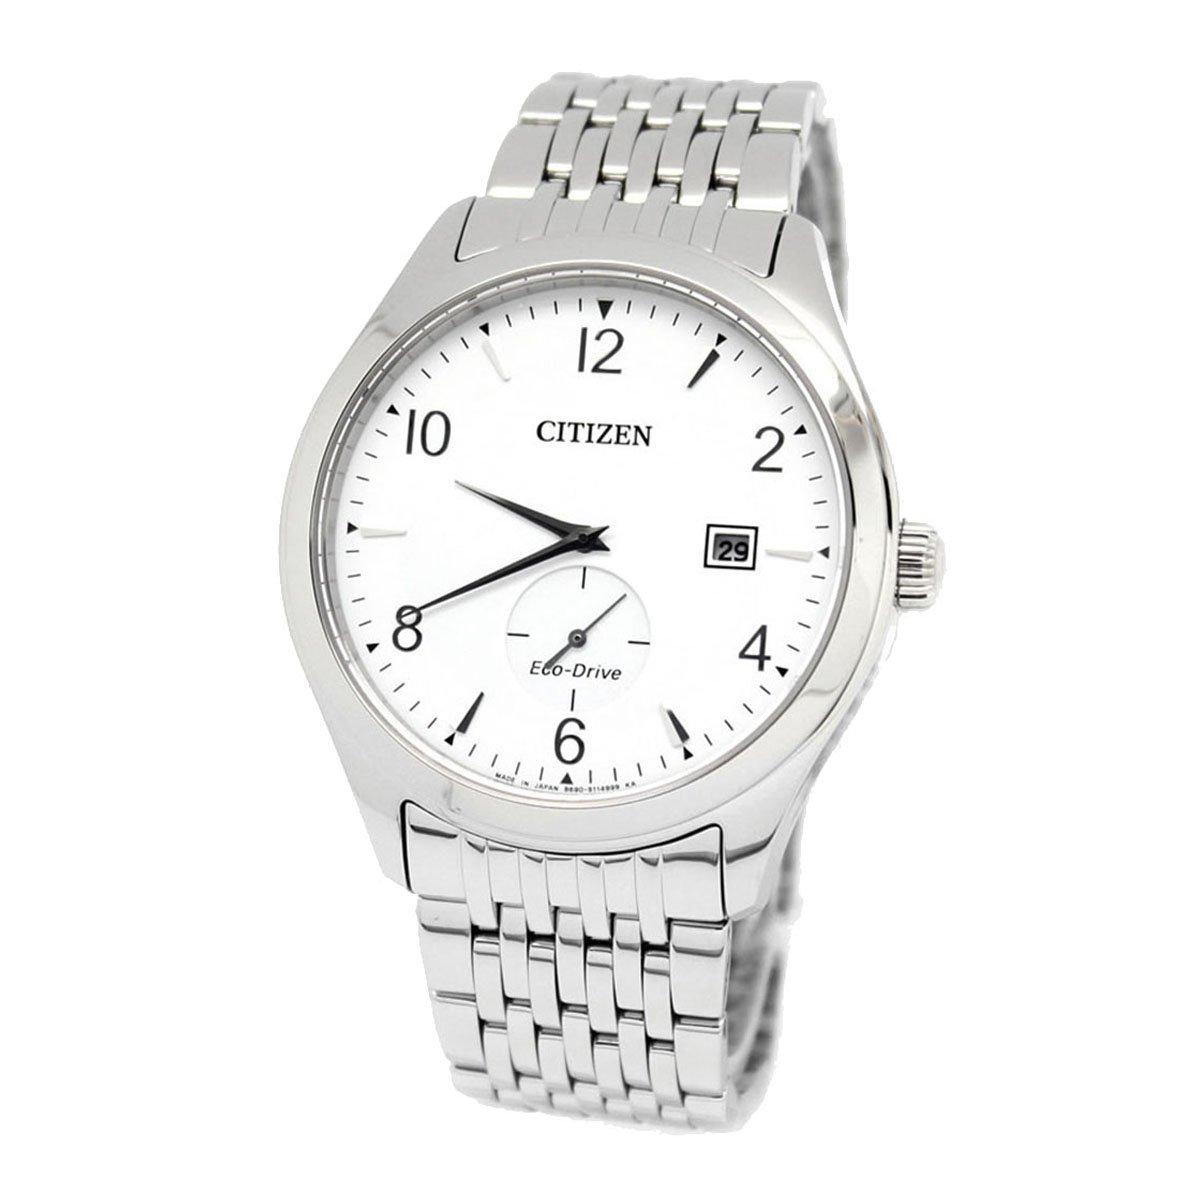 นาฬิกาผู้ชาย Citizen Eco-Drive รุ่น BV1100-55A